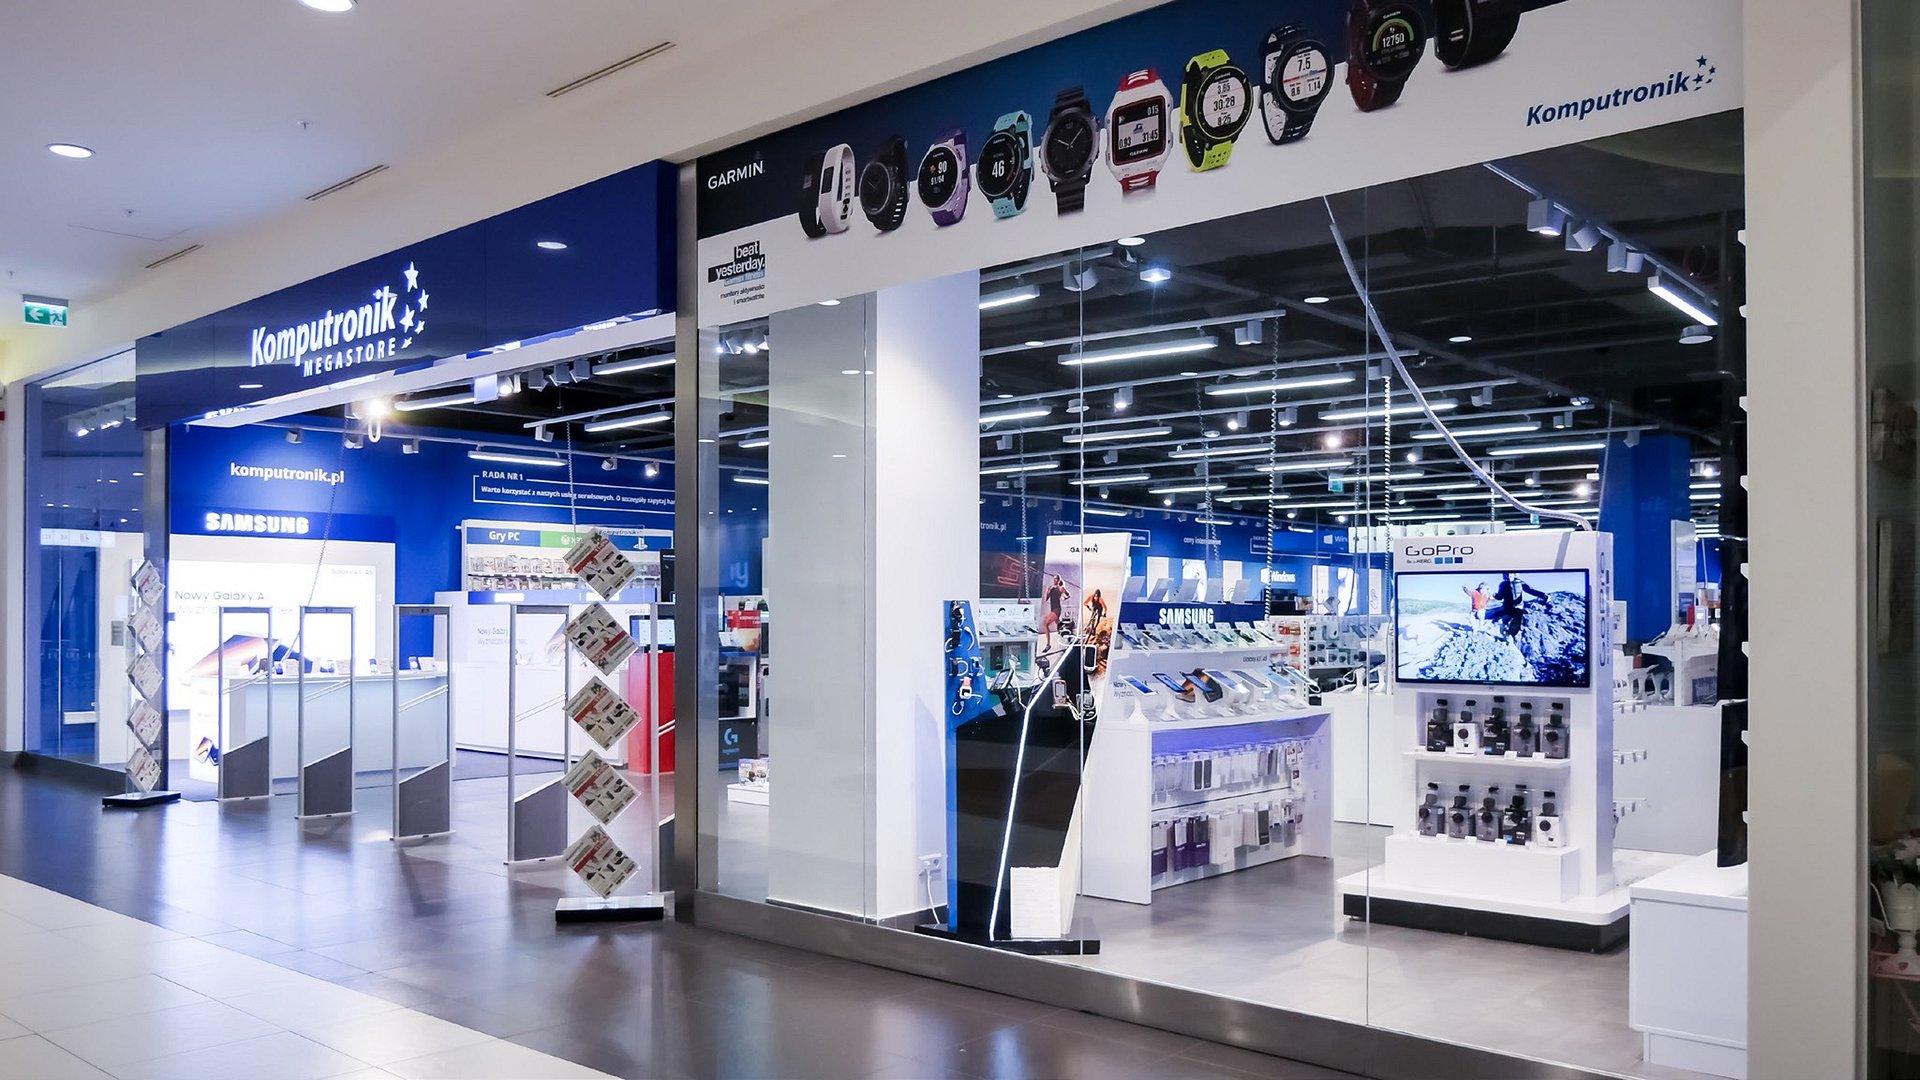 Klienci Komputronik mogą czuć się bezpiecznie. Poznańska firma w dalszym ciągu będzie prowadzić normalną sprzedaż